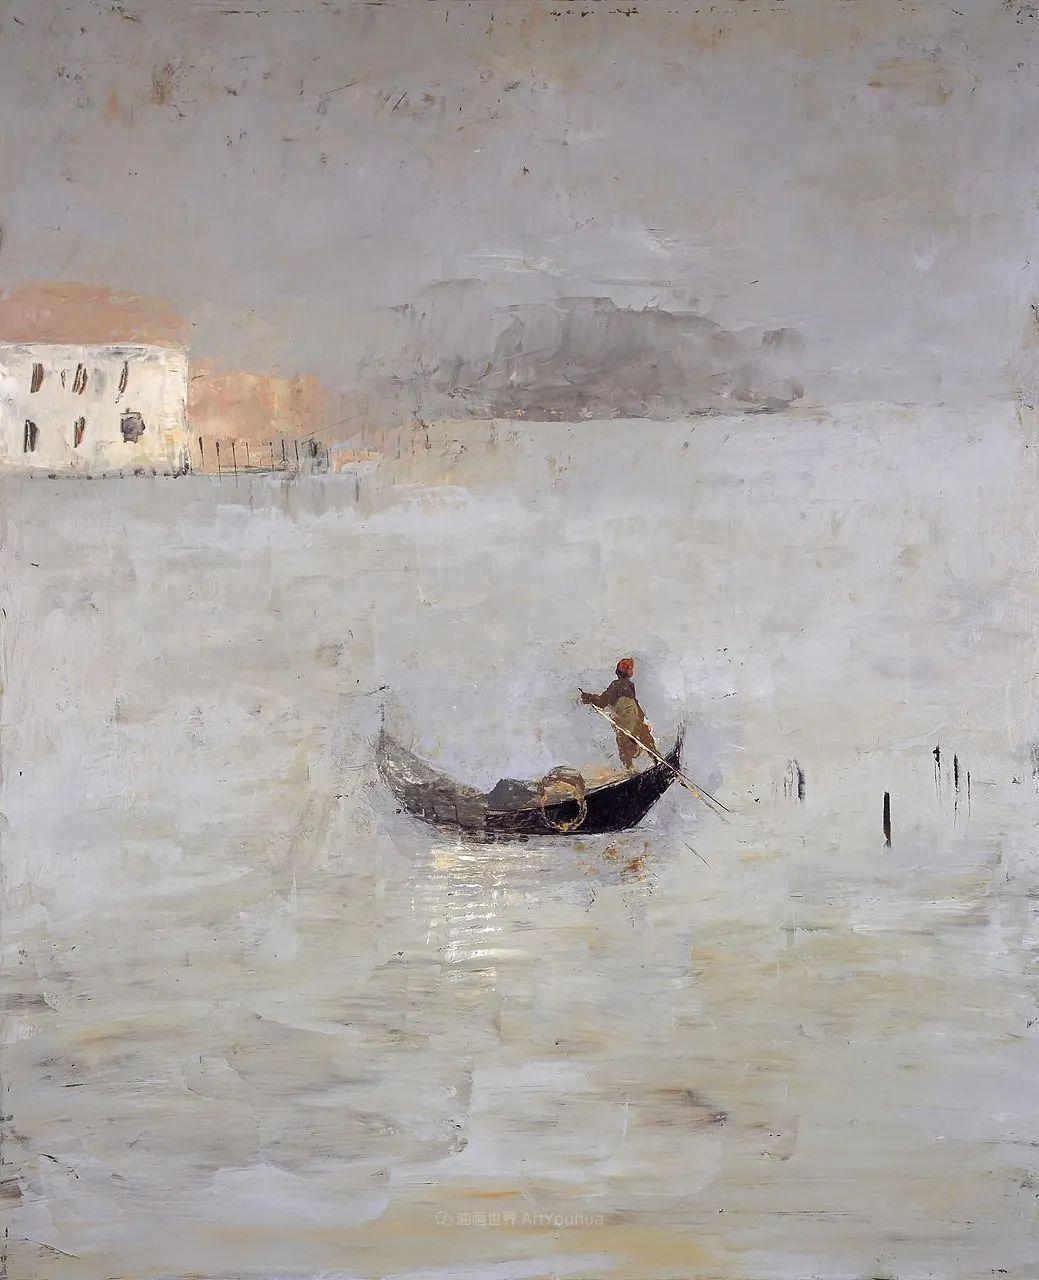 马耳他女画家 Goxwa Borg 戈克斯瓦·博格作品欣赏: 古典又现代!插图53